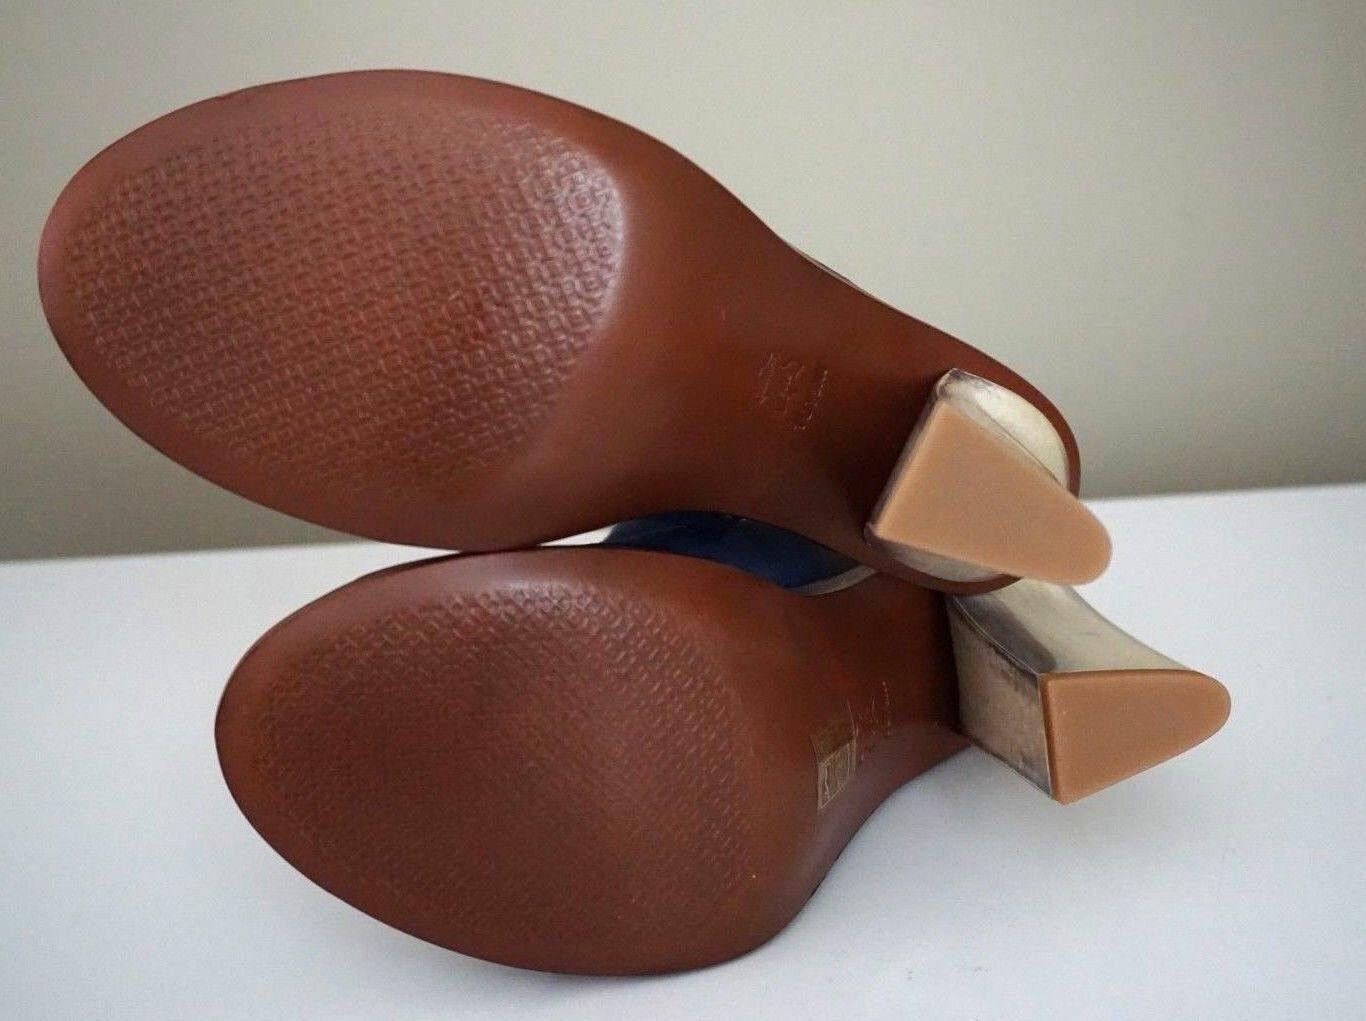 Tory Burch Gemini Link 110mm Open-Toe Navy Suede Sandal Sandal Sandal Stiefelies Größe 10.5 252cfa